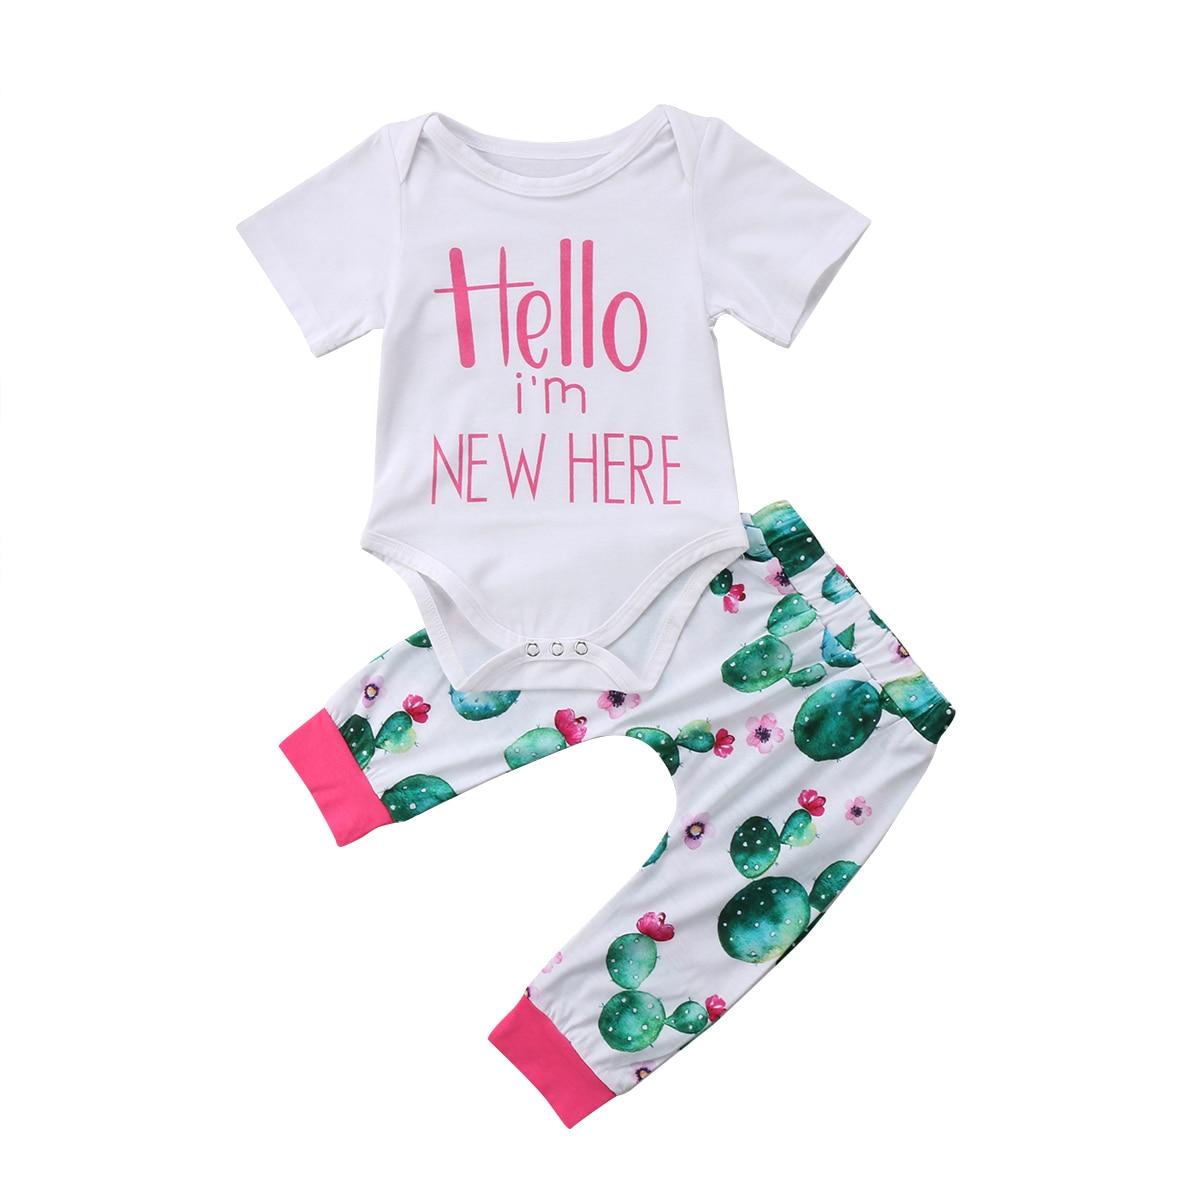 Cactus Della Stampa Della Lettera Newborn Baby Boy Girl Parti Superiori del Cotone Pagliaccetto Pantaloni 2 Pz Set Outfits Abbigliamento